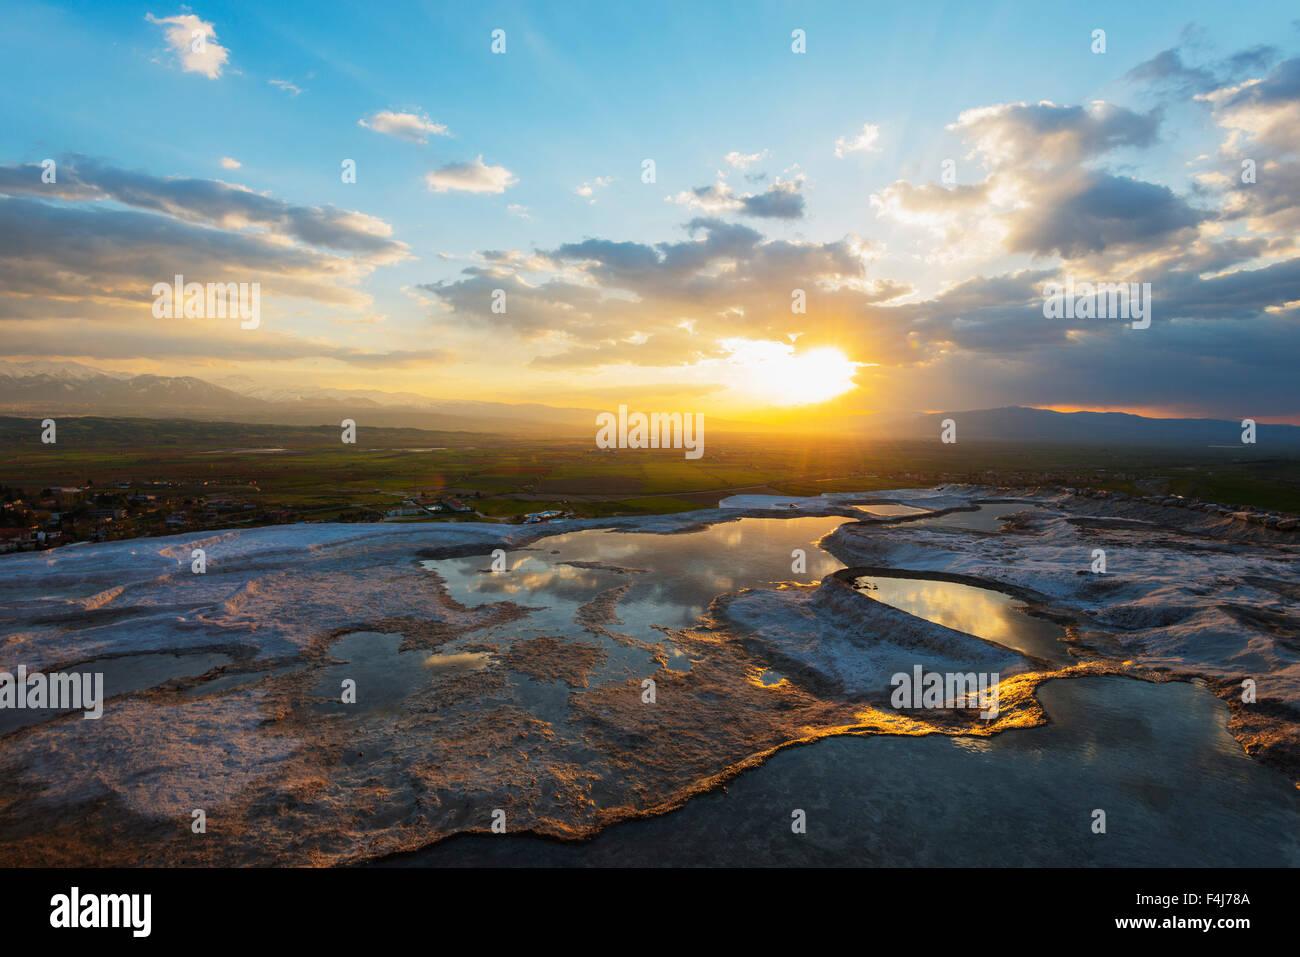 Weißer Travertin Becken bei Sonnenuntergang, Pamukkale, UNESCO-Weltkulturerbe, Anatolien, Türkei, Kleinasien, Stockbild